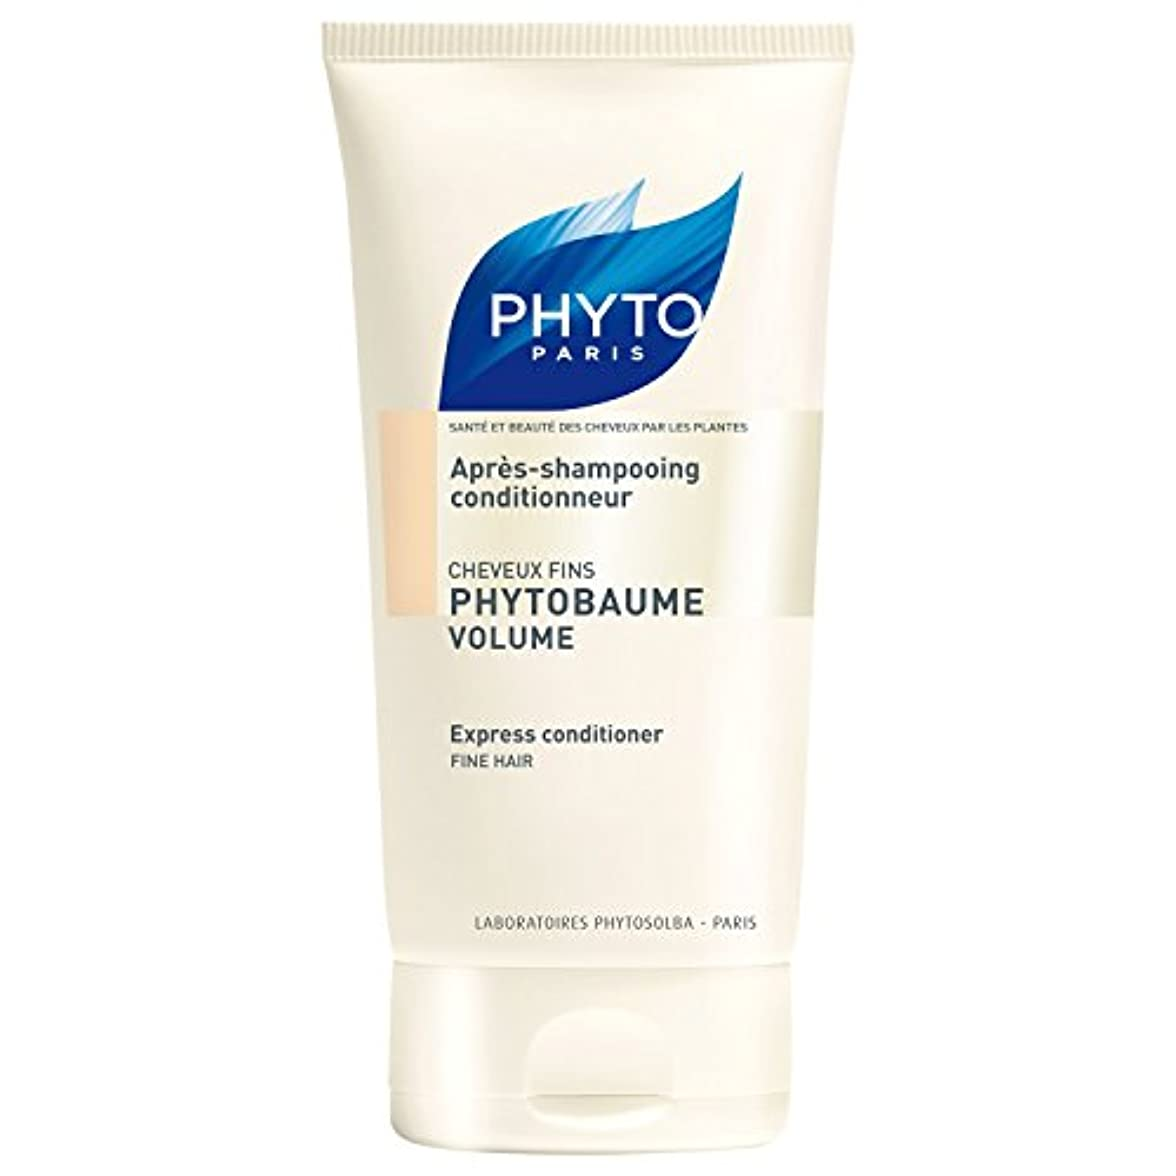 切り離すまっすぐフライト細い髪の150ミリリットルのためのフィトPhytobaumeボリュームエクスプレスコンディショナー (Phyto) (x2) - Phyto Phytobaume Volume Express Conditioner for...